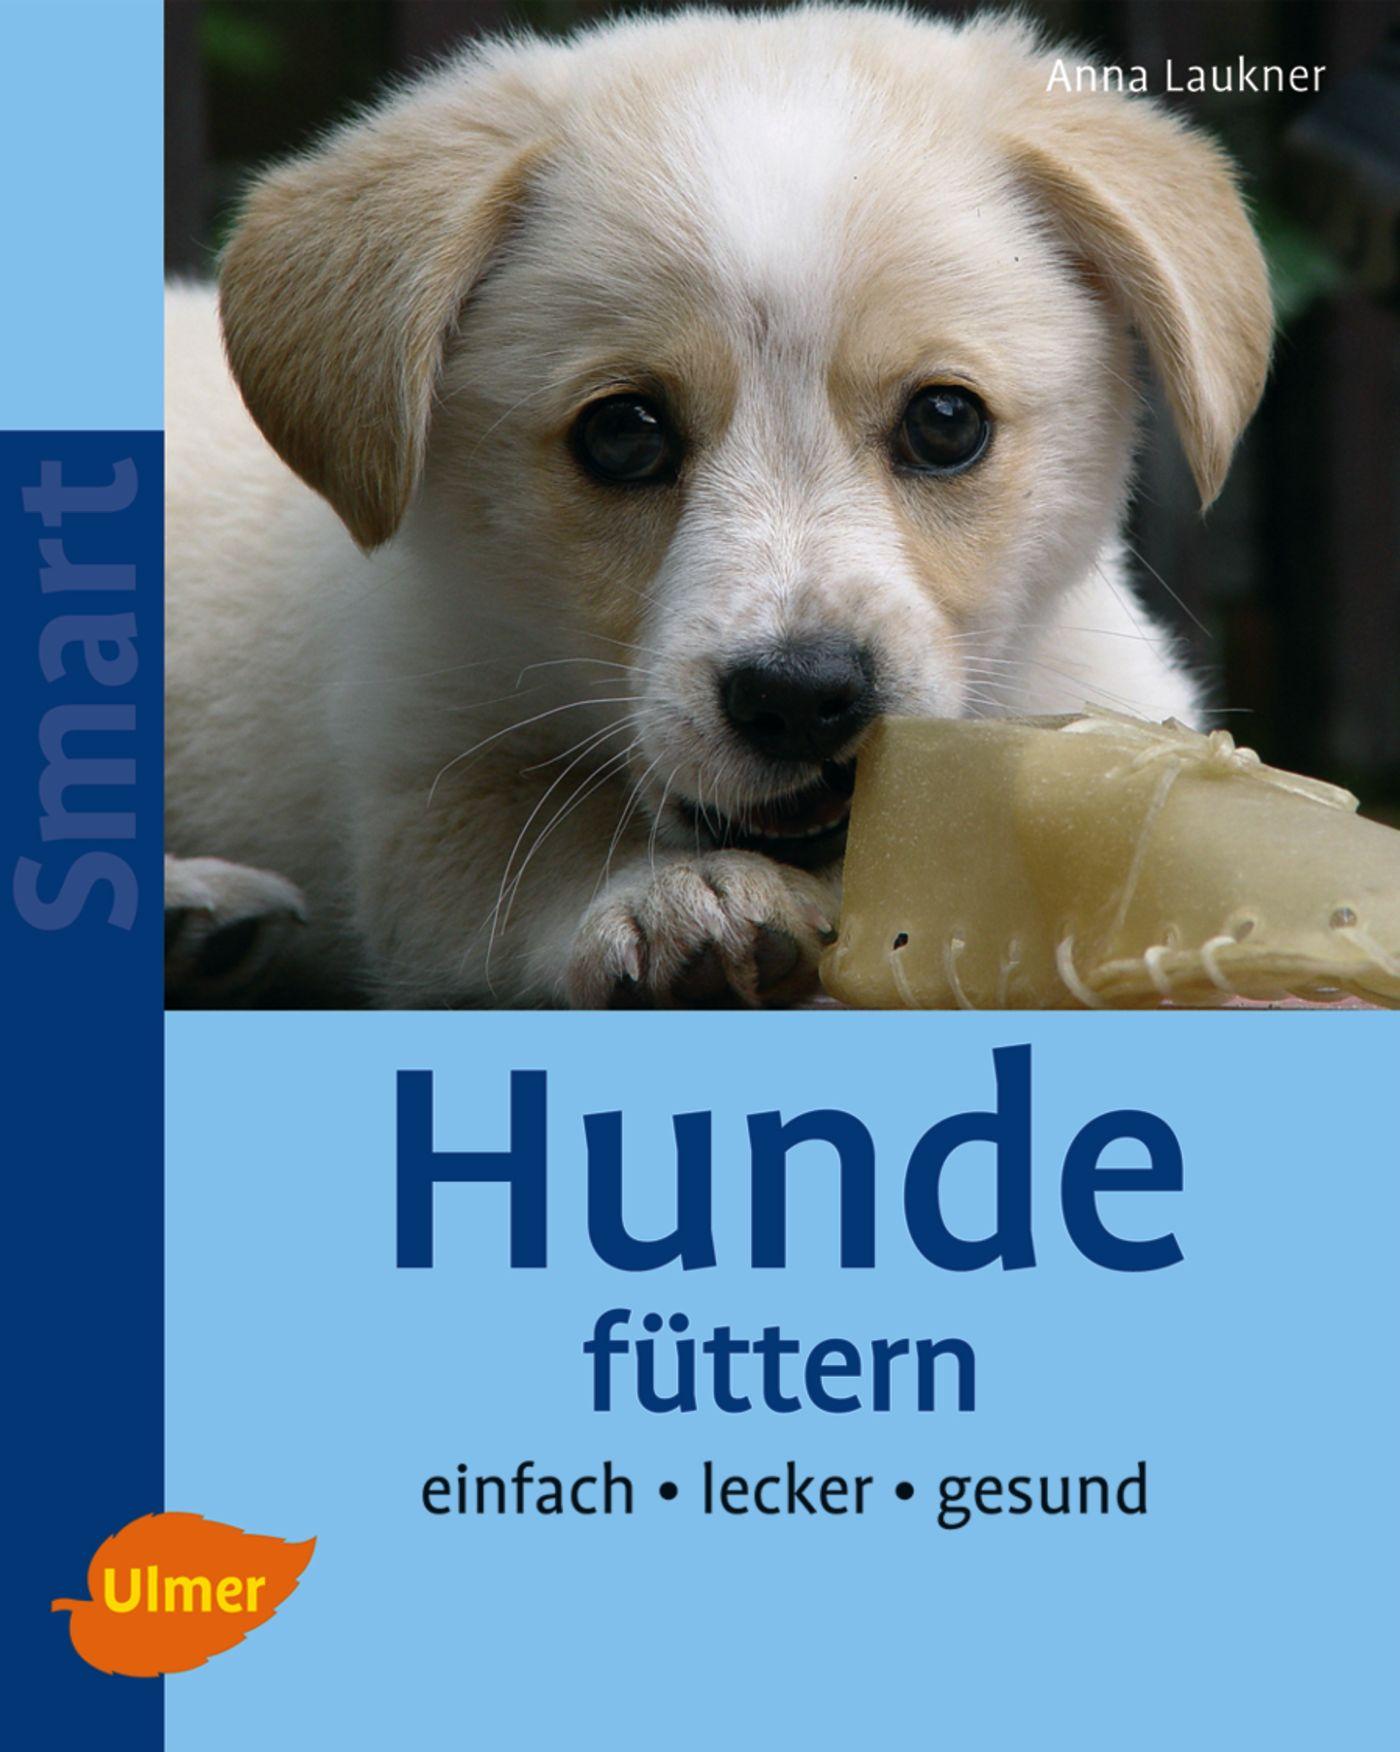 Hunde füttern: Einfach - lecker - gesund - Anna Laukner